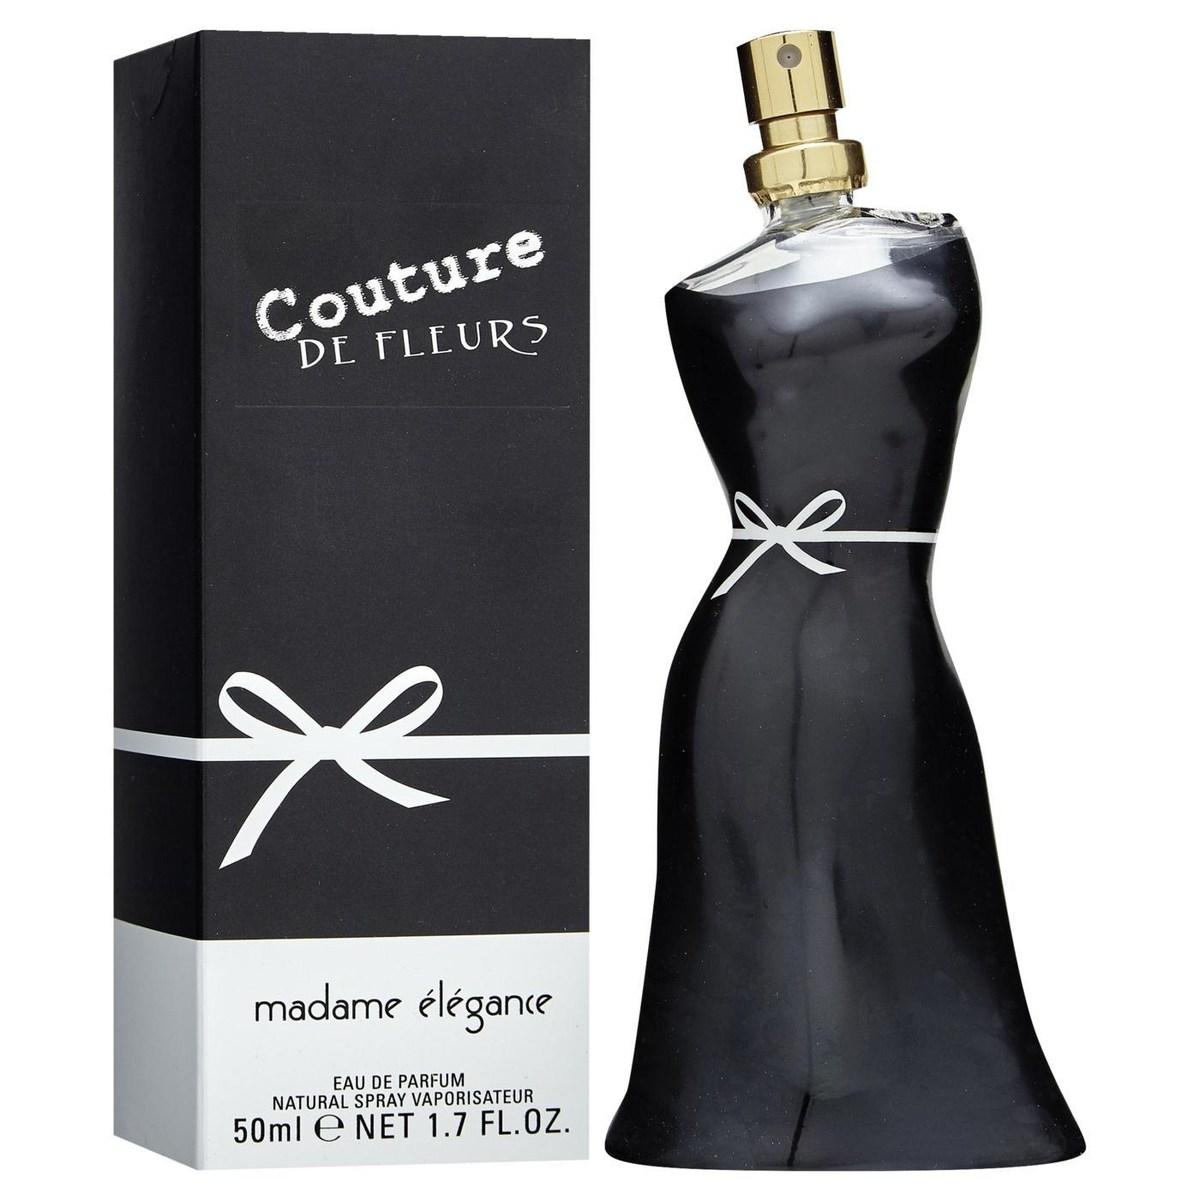 couture de fleurs madame élégance eau de parfum